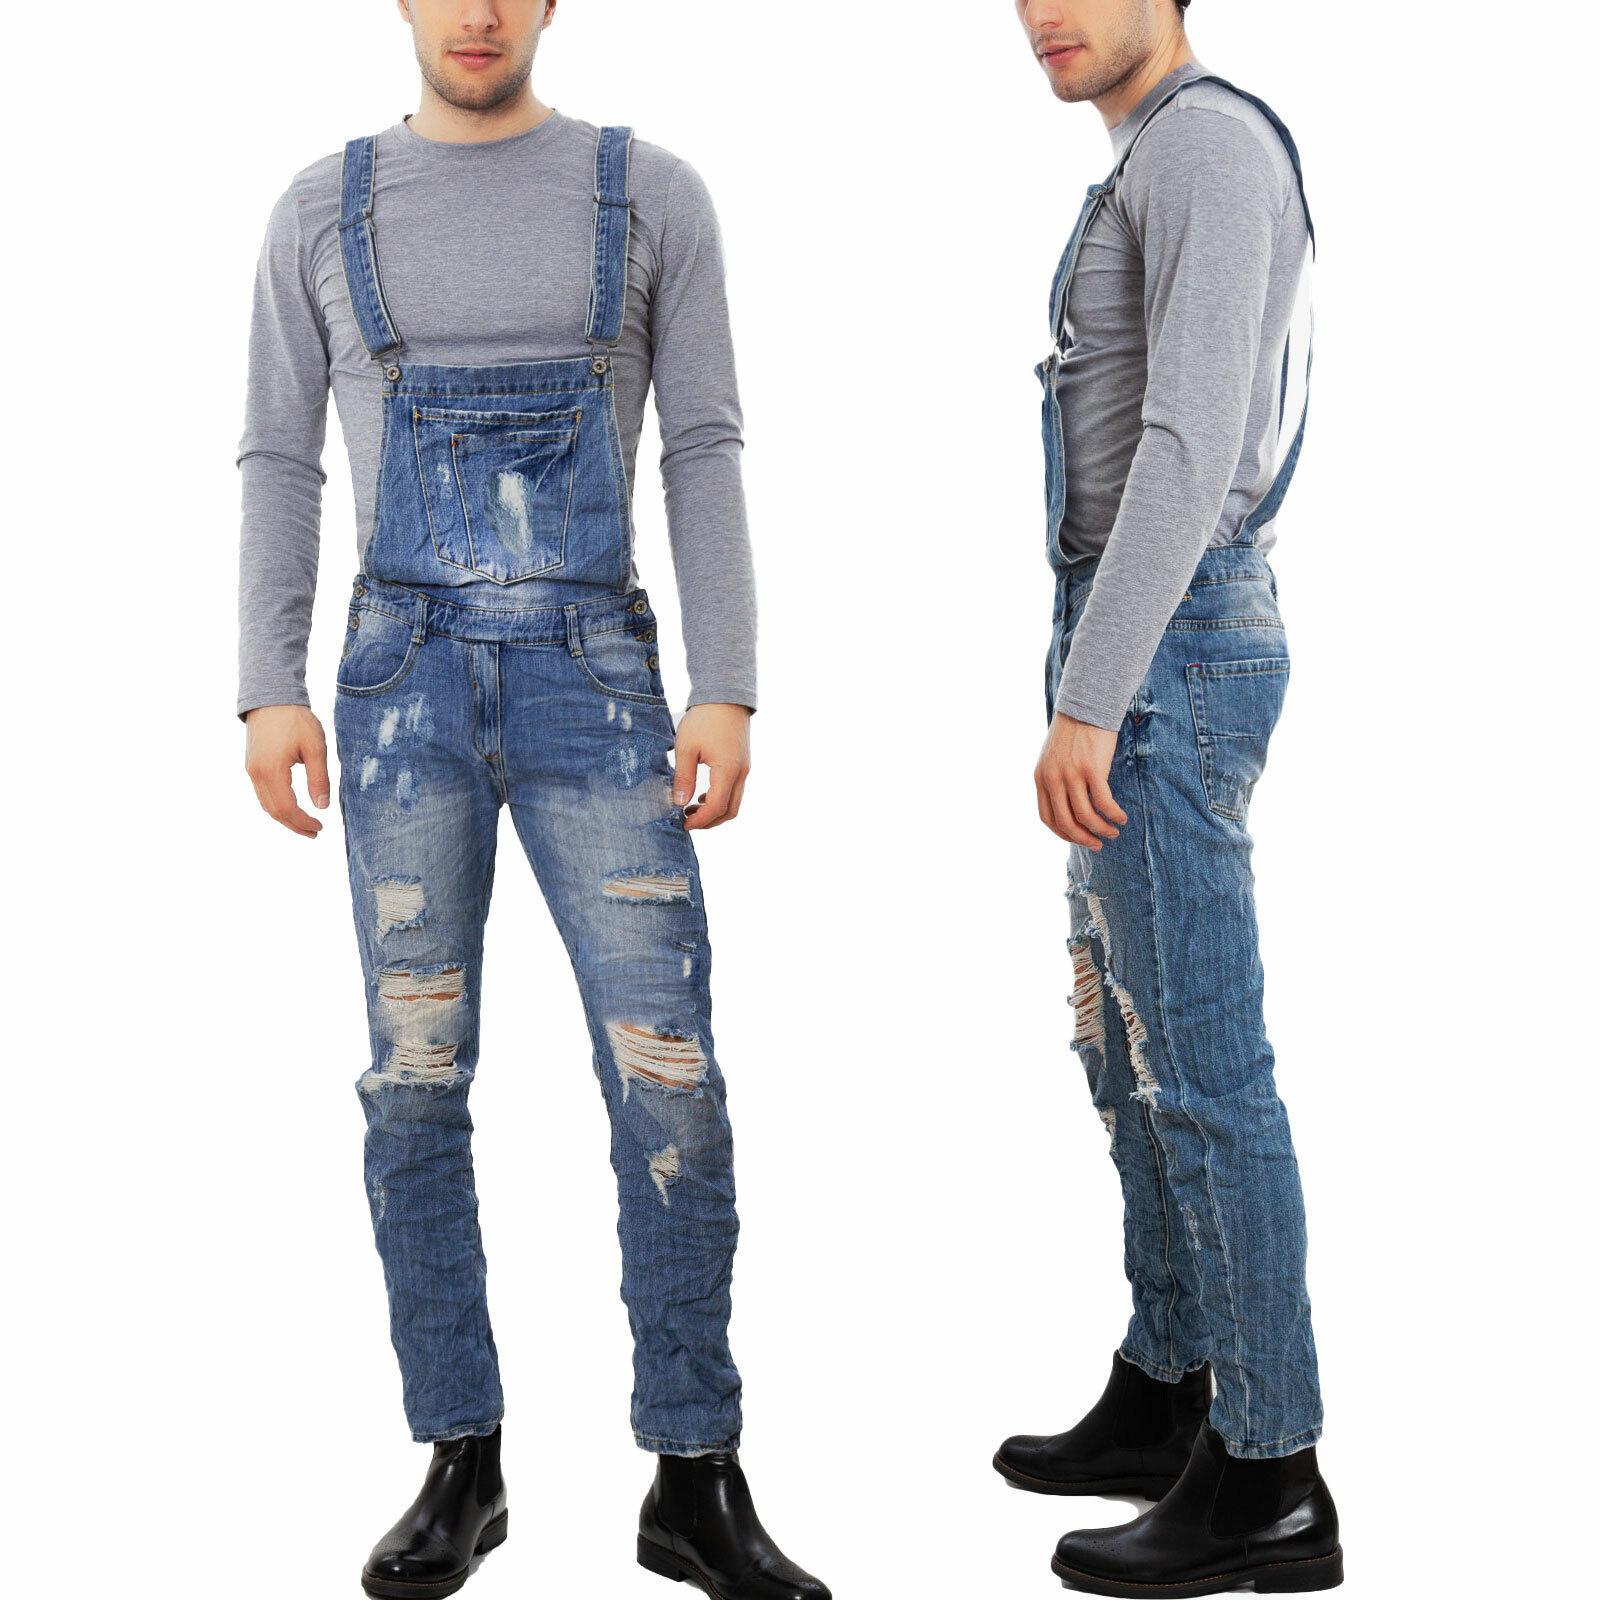 Salopette jeans donna tuta intera overall strappi boyfriend grunge nuova B007